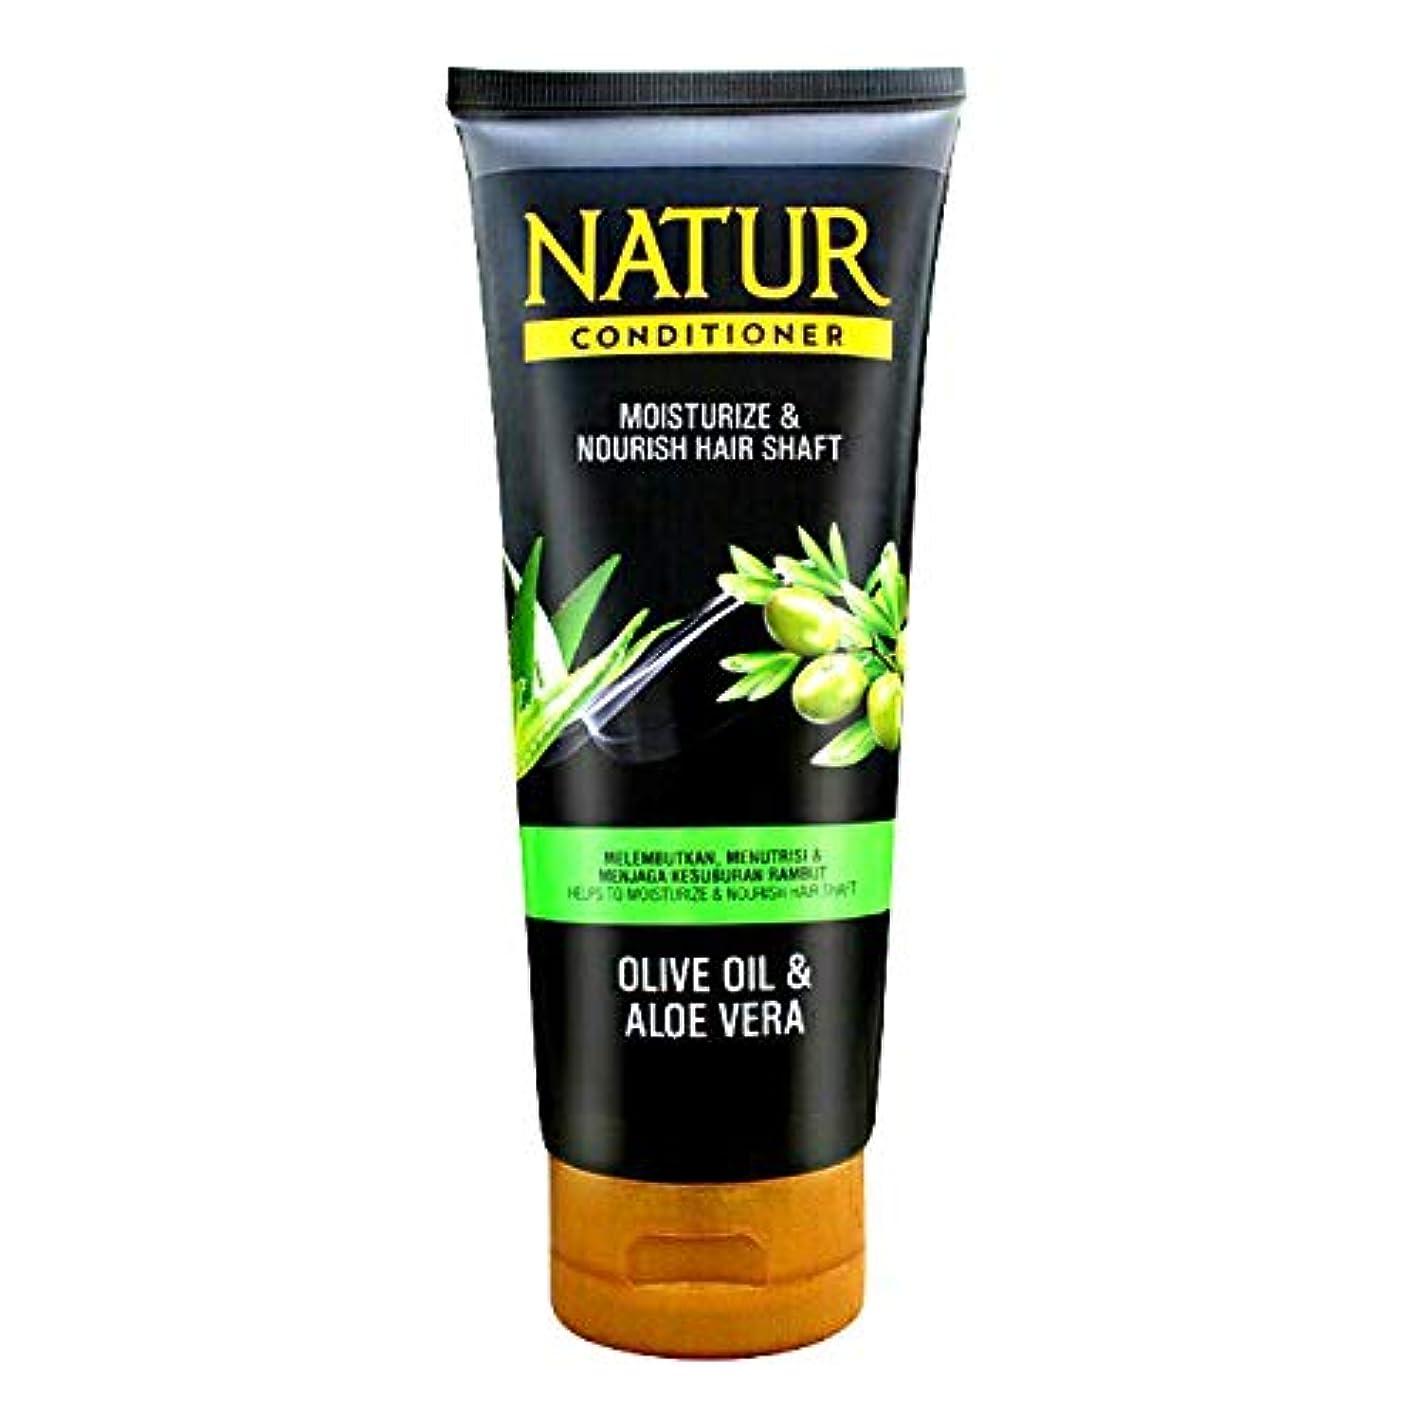 いう酸化物深めるNATUR ナトゥール 天然植物エキス配合 ハーバルコンディショナー 165ml Aloe vera&Olive oil アロエベラ&オリーブオイル [海外直商品]